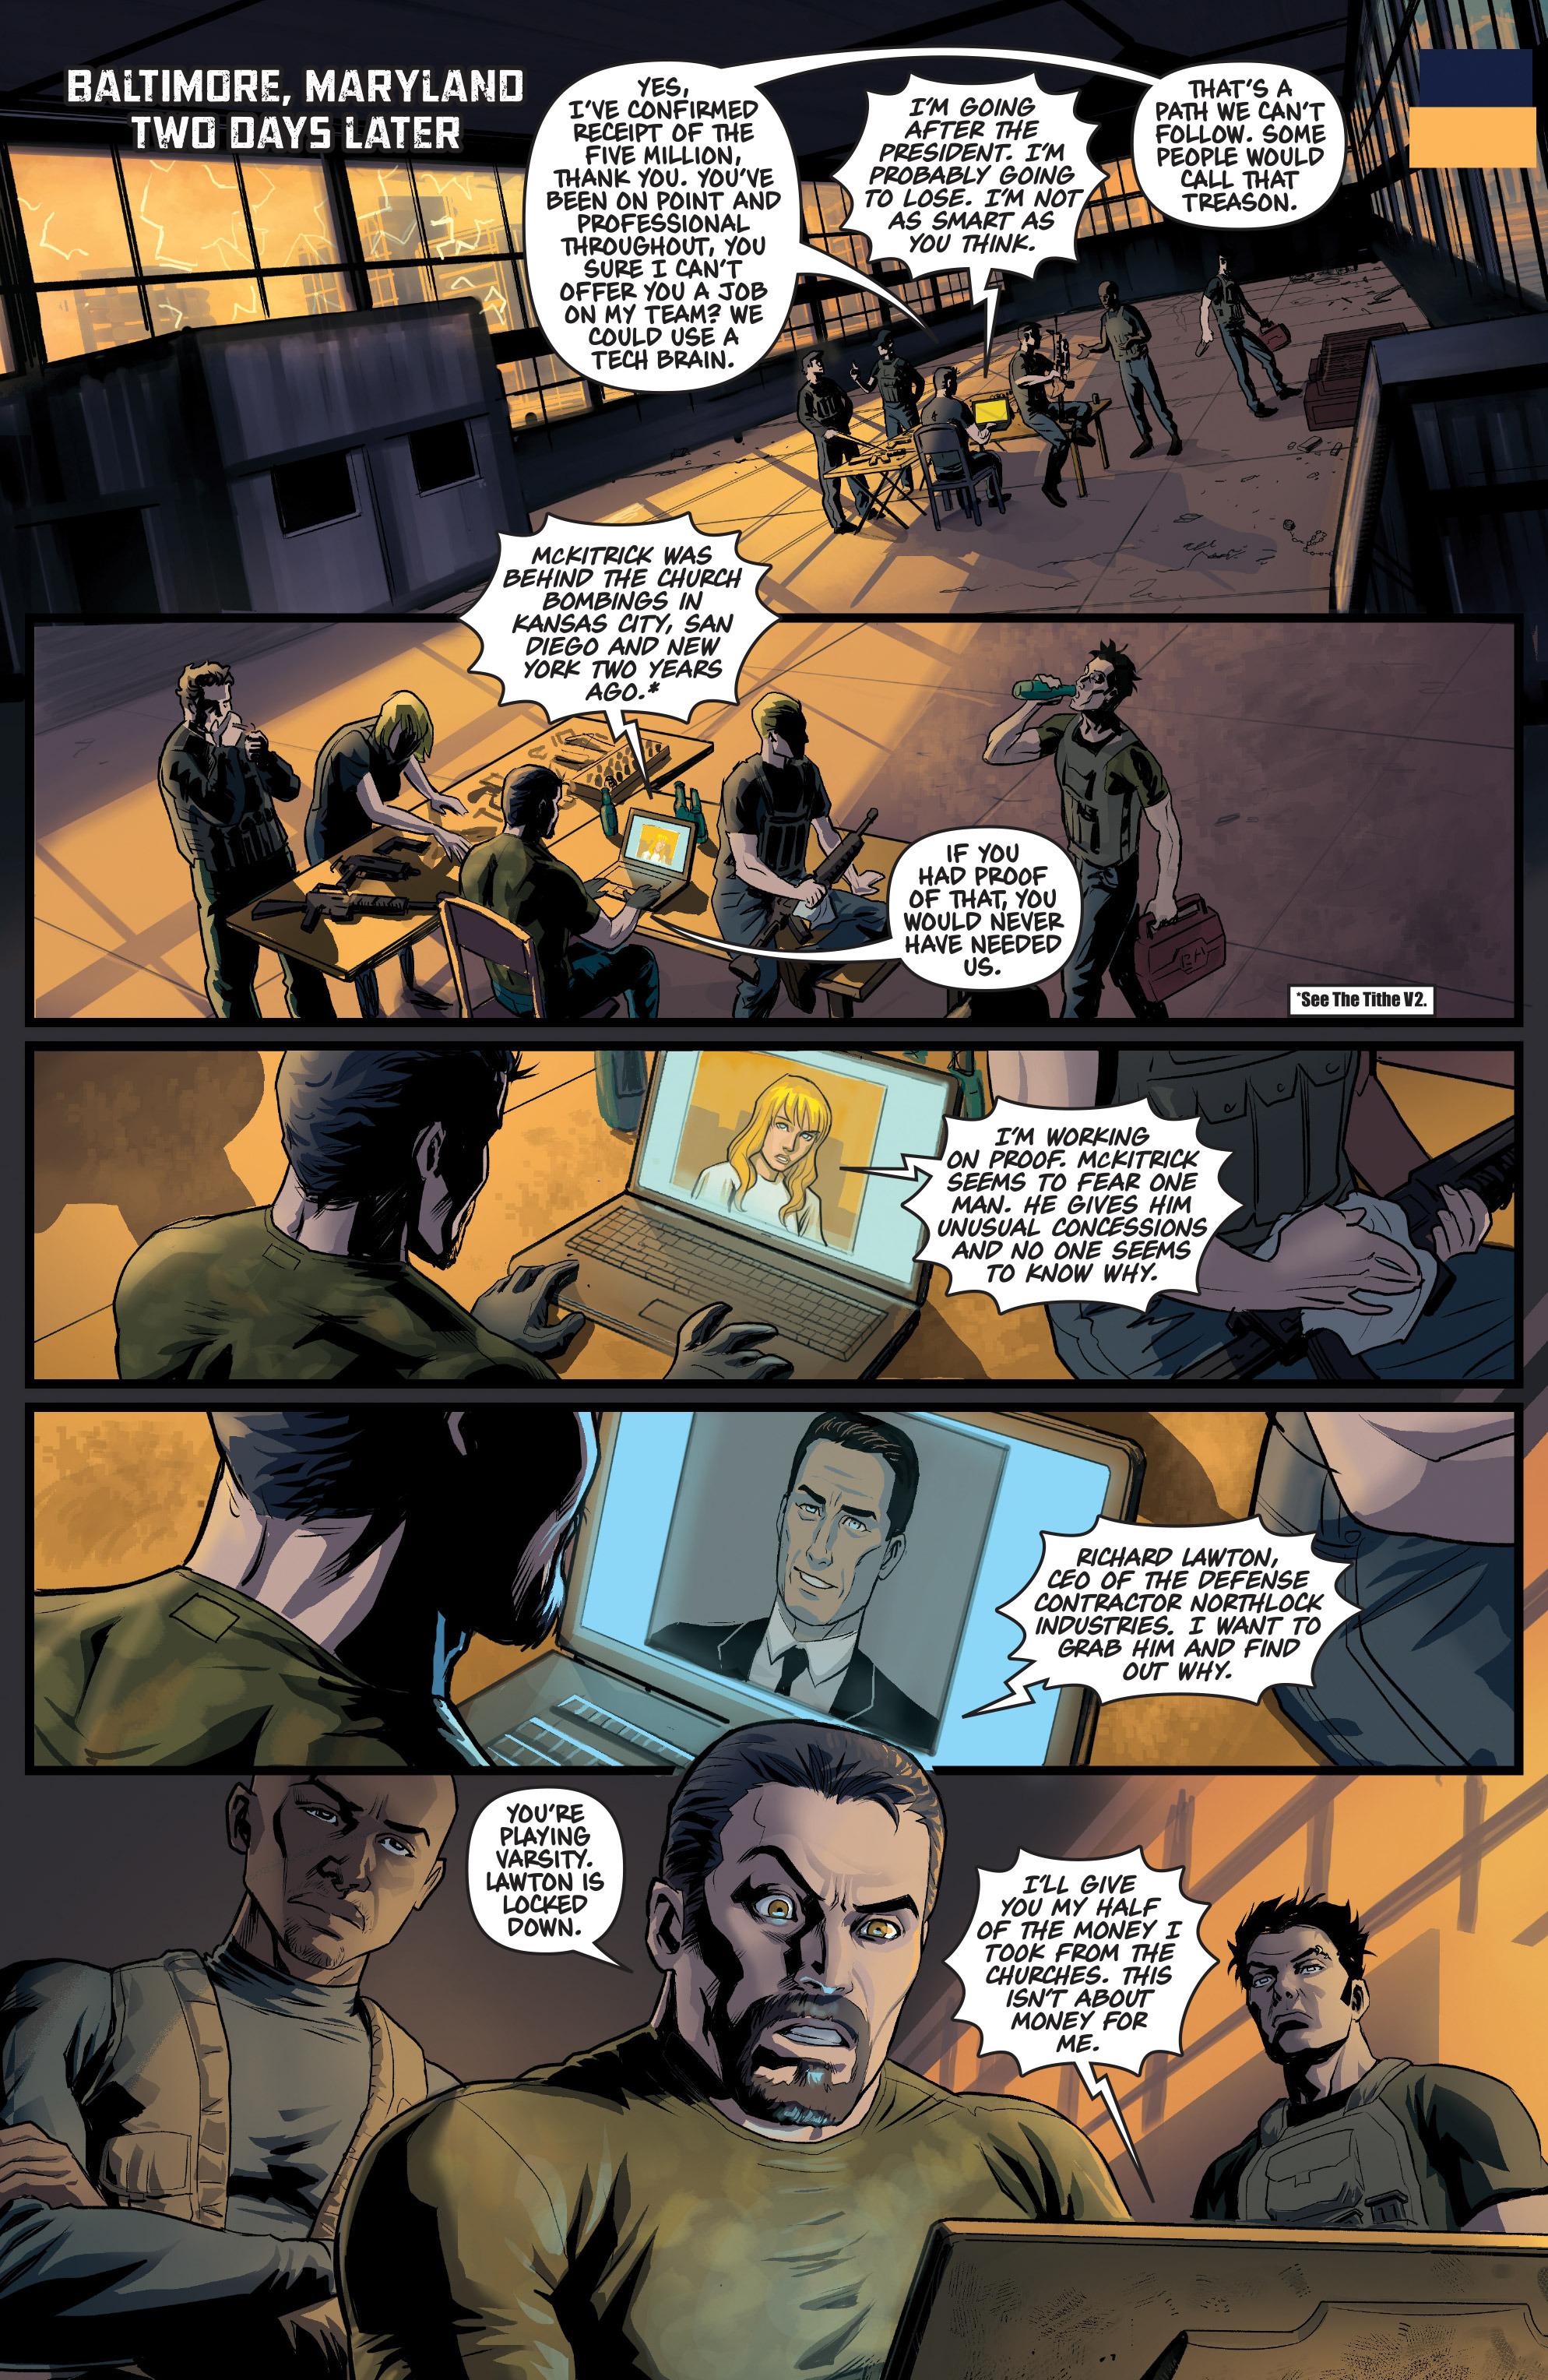 Read online Samaritan: Vertias comic -  Issue #1 - 17